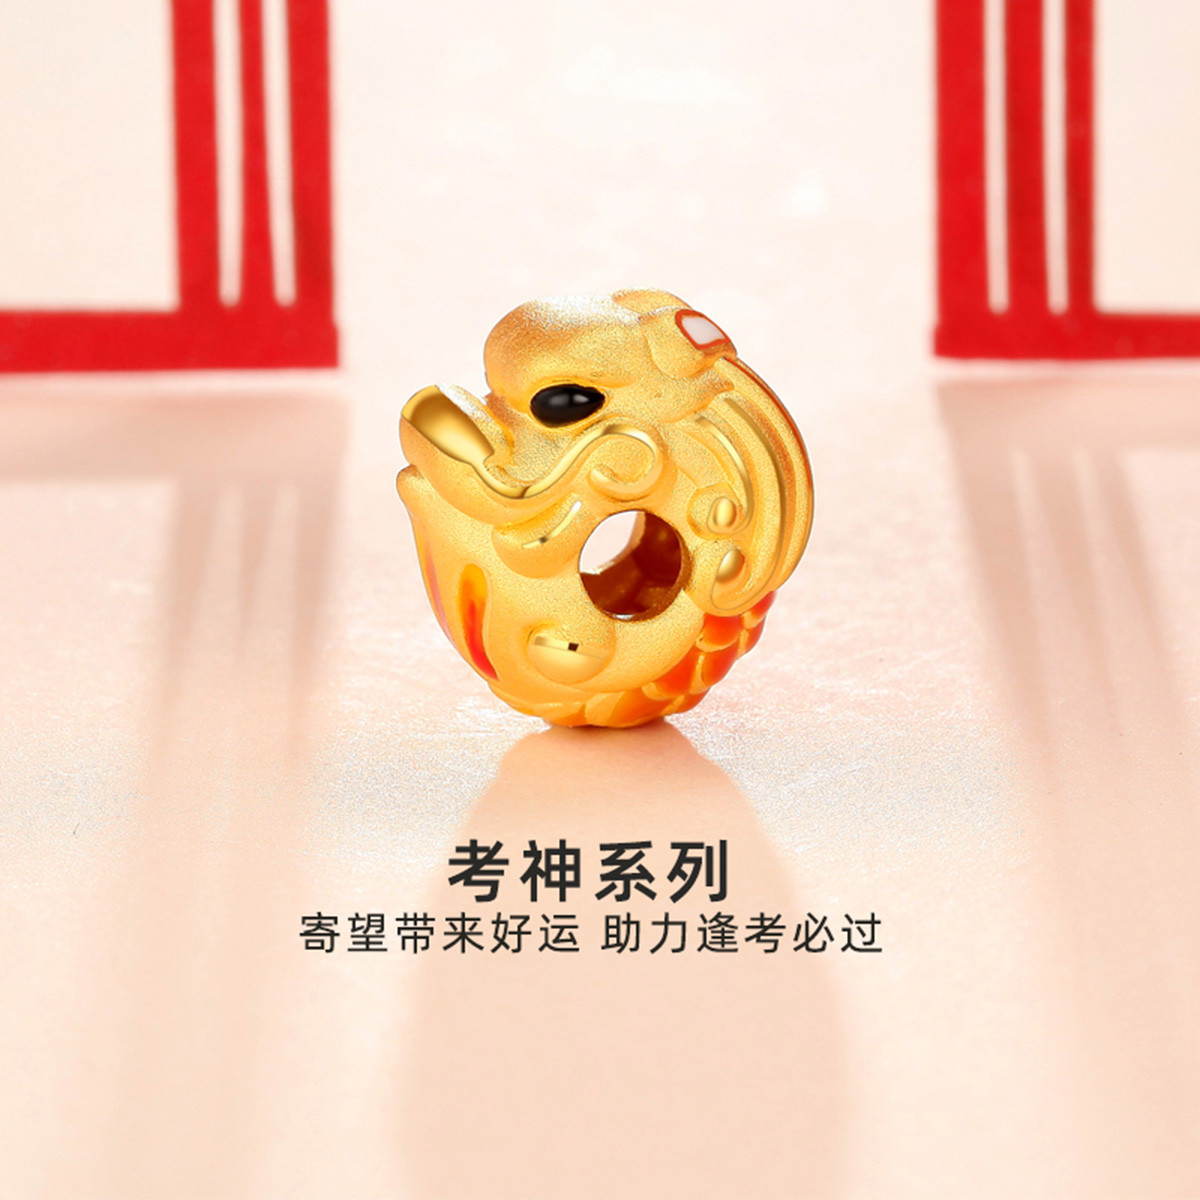 潮宏基潮宏基 独占鳌头 足金串珠黄金串珠3D硬金SHG30000556